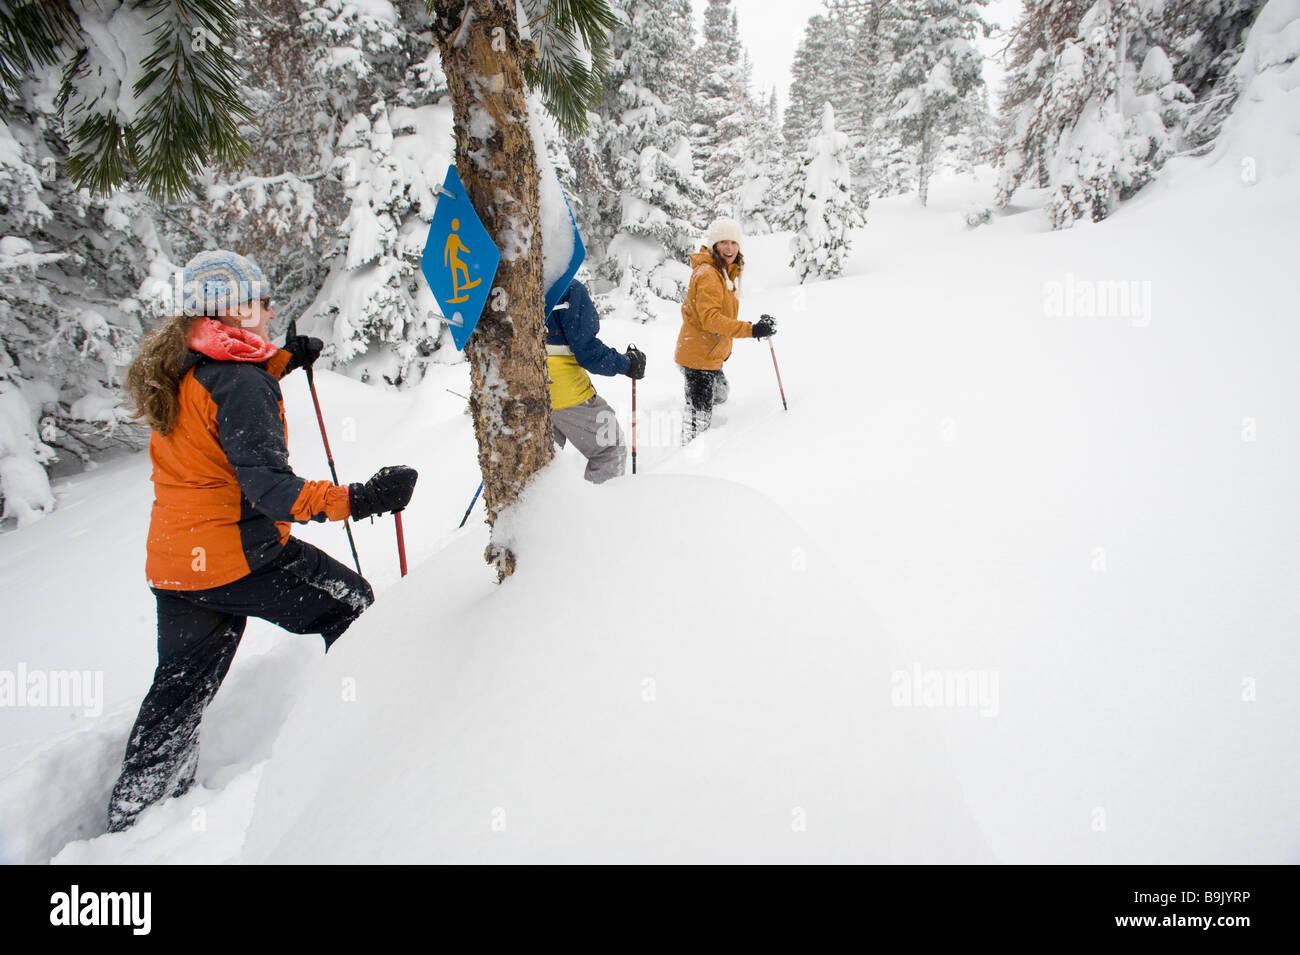 Vista trasera de tres personas en raquetas de nieve con bastones de esquí caminando por un sendero con raquetas Imagen De Stock